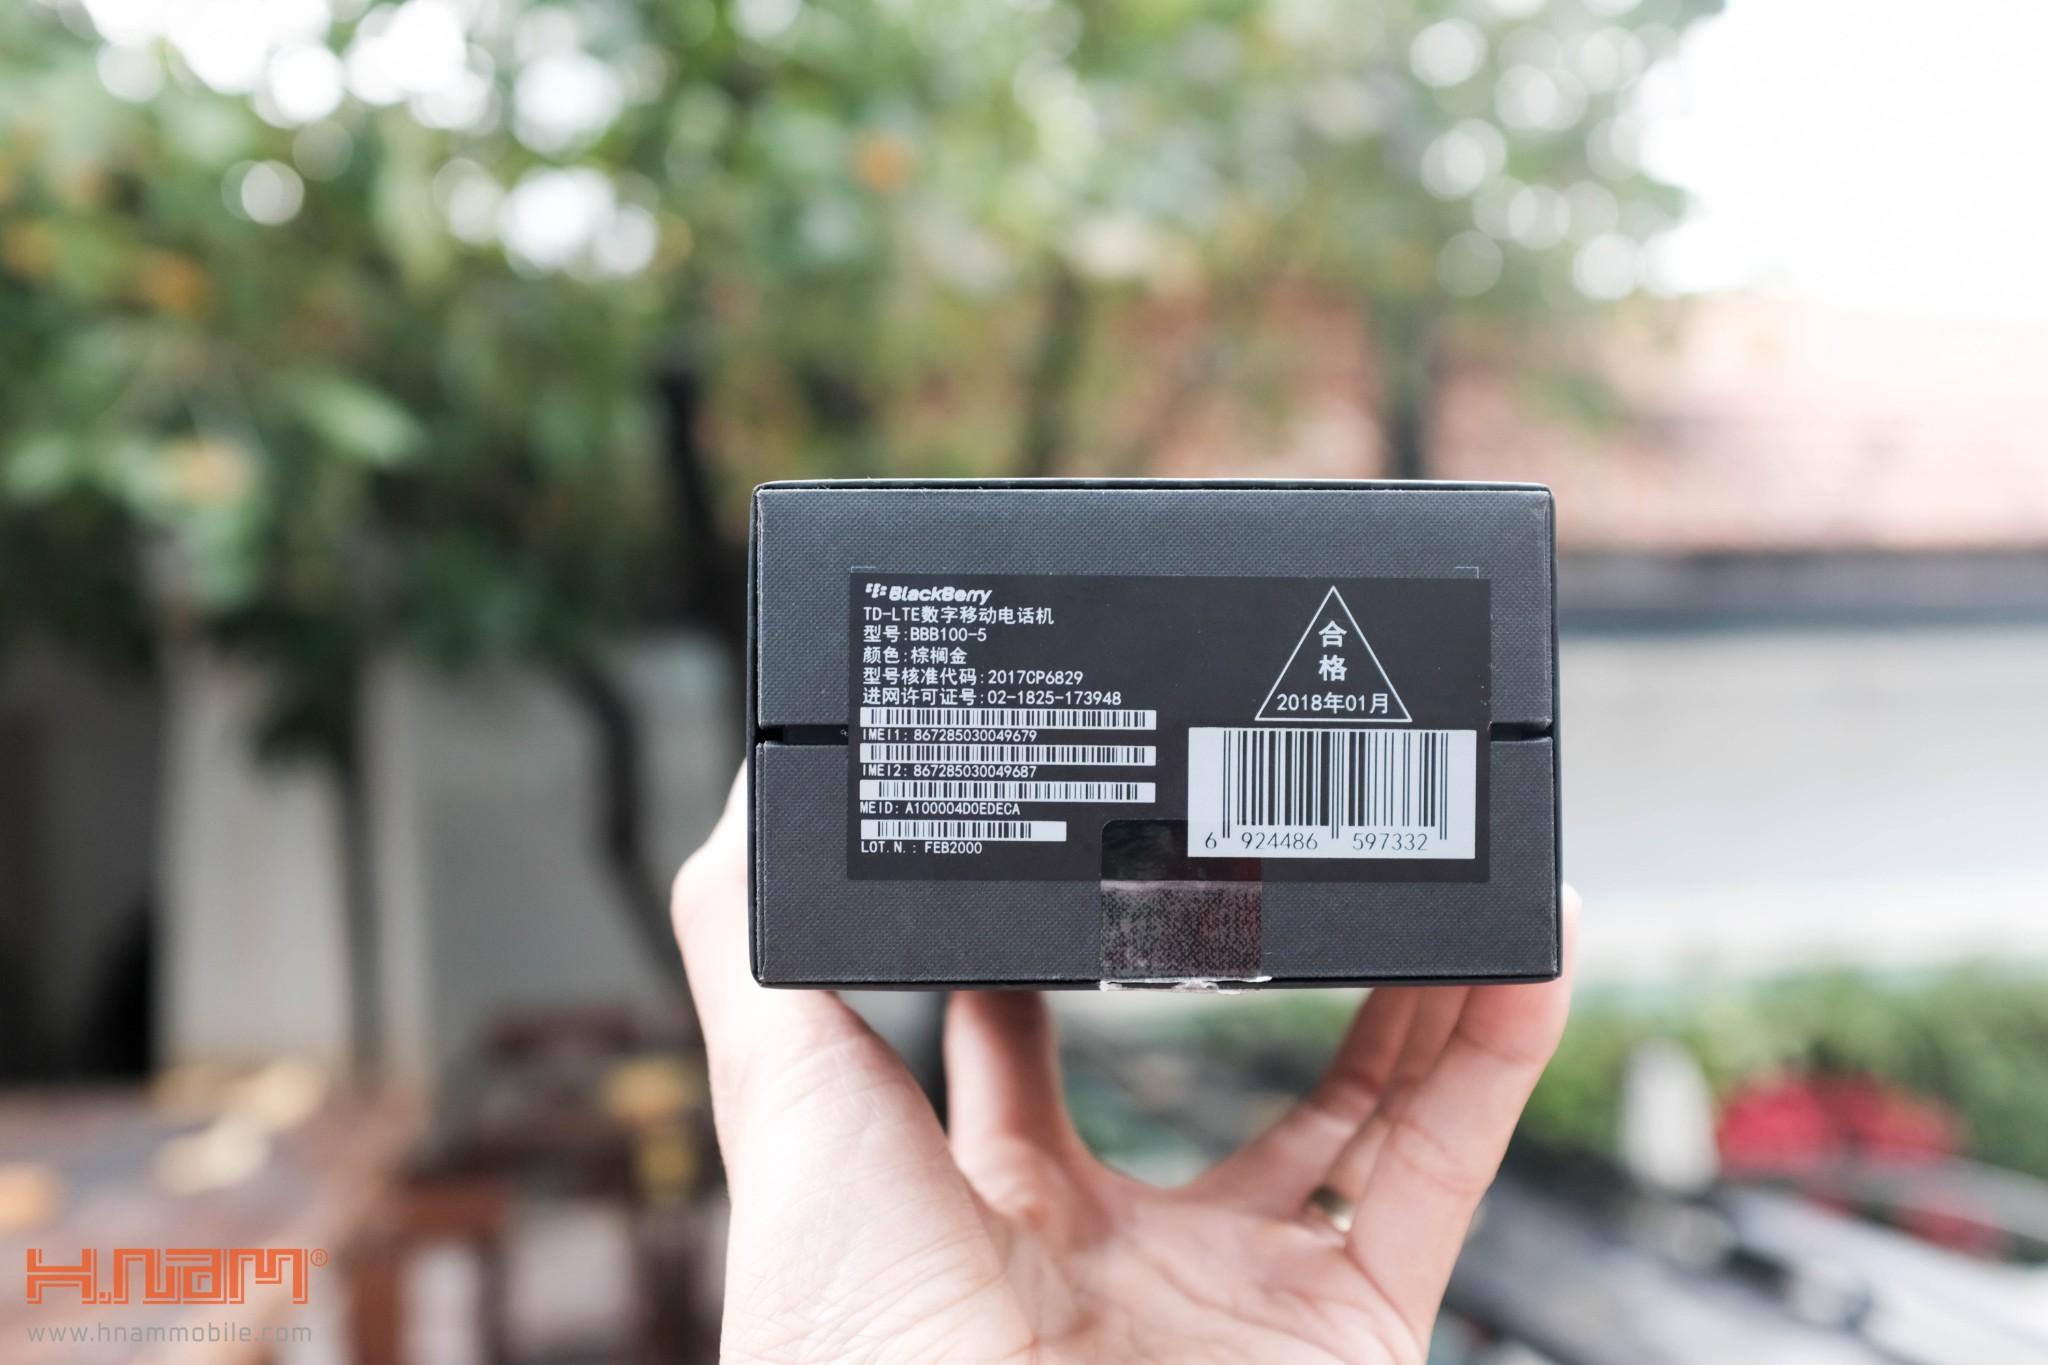 Trên tay Blackberry KEYone phiên bản màu Đồng cực chất! hình 7